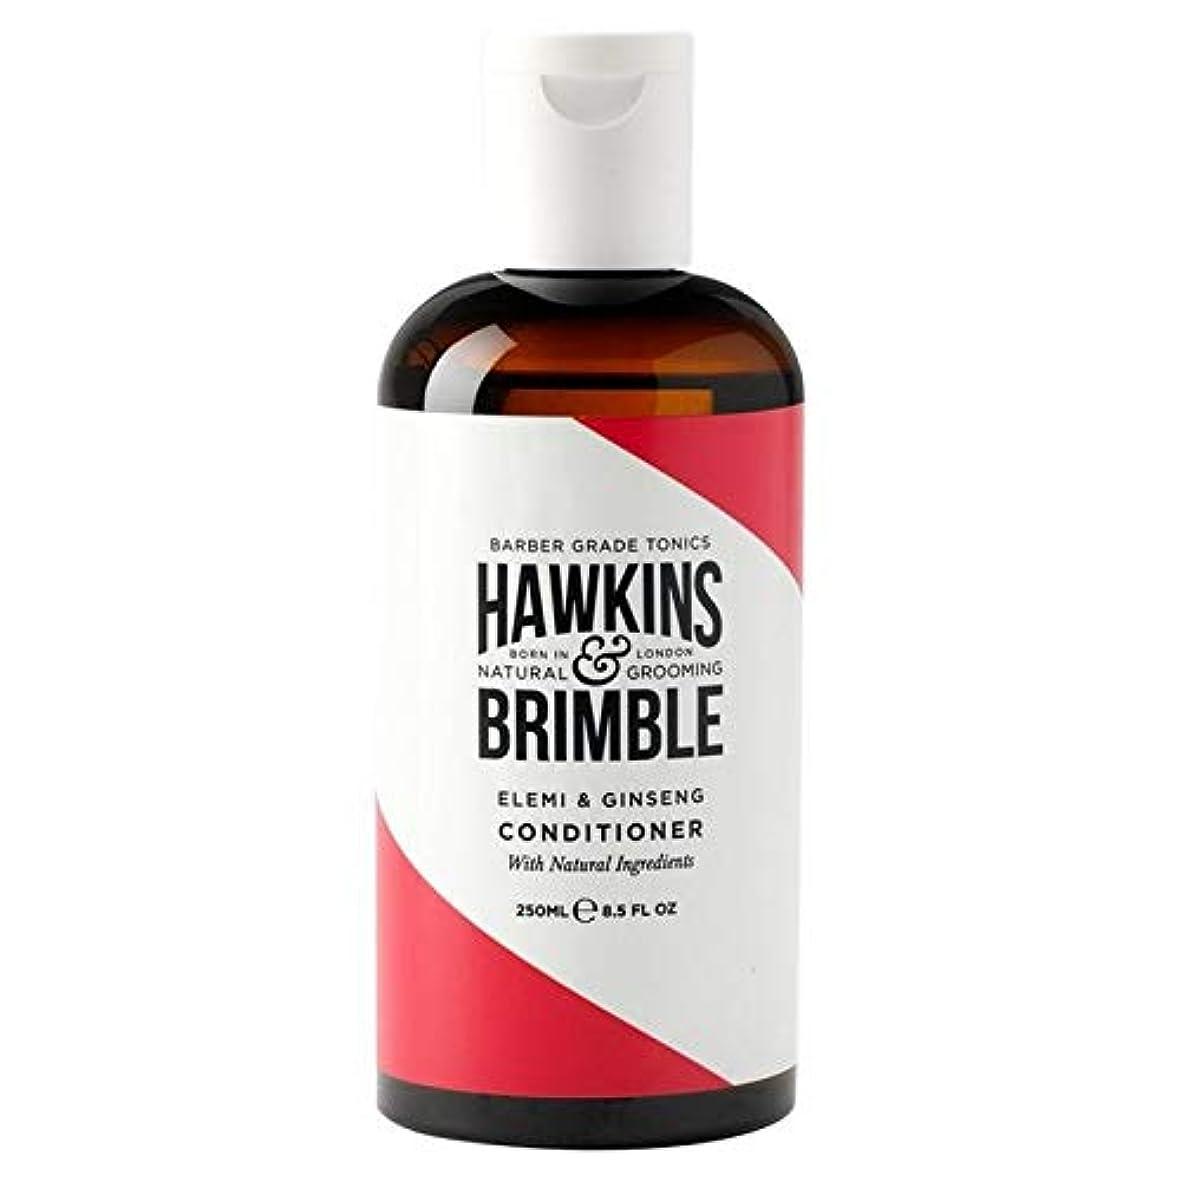 繁栄するチロばかげた[Hawkins & Brimble] ホーキンス&Brimbleナチュラルコンディショナー250Ml - Hawkins & Brimble Natural Conditioner 250ml [並行輸入品]